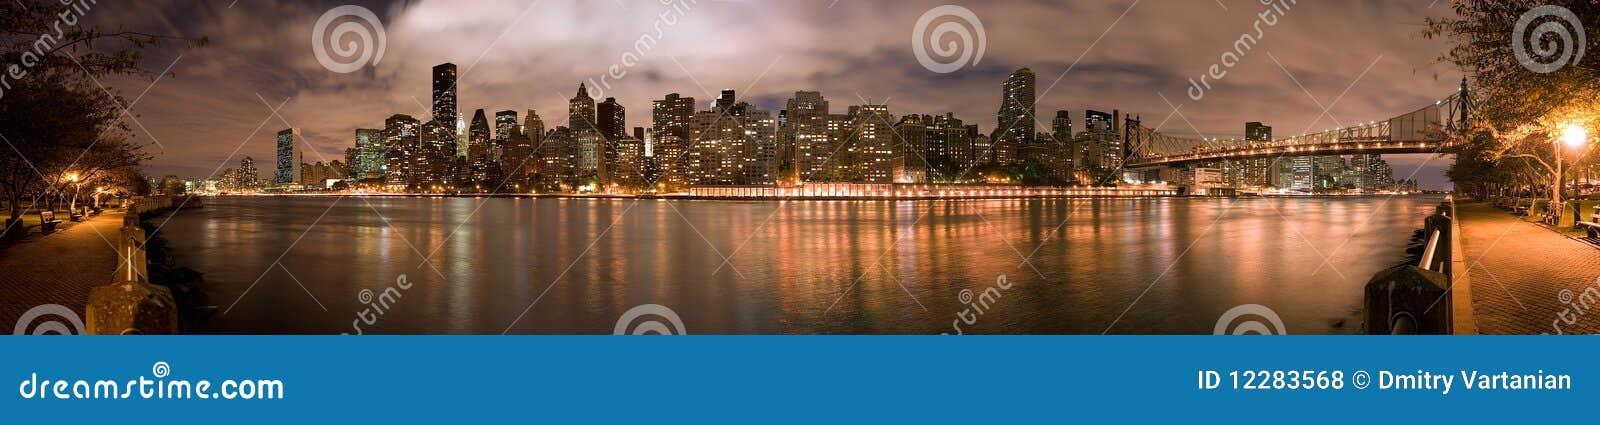 Manhatten Night panorama